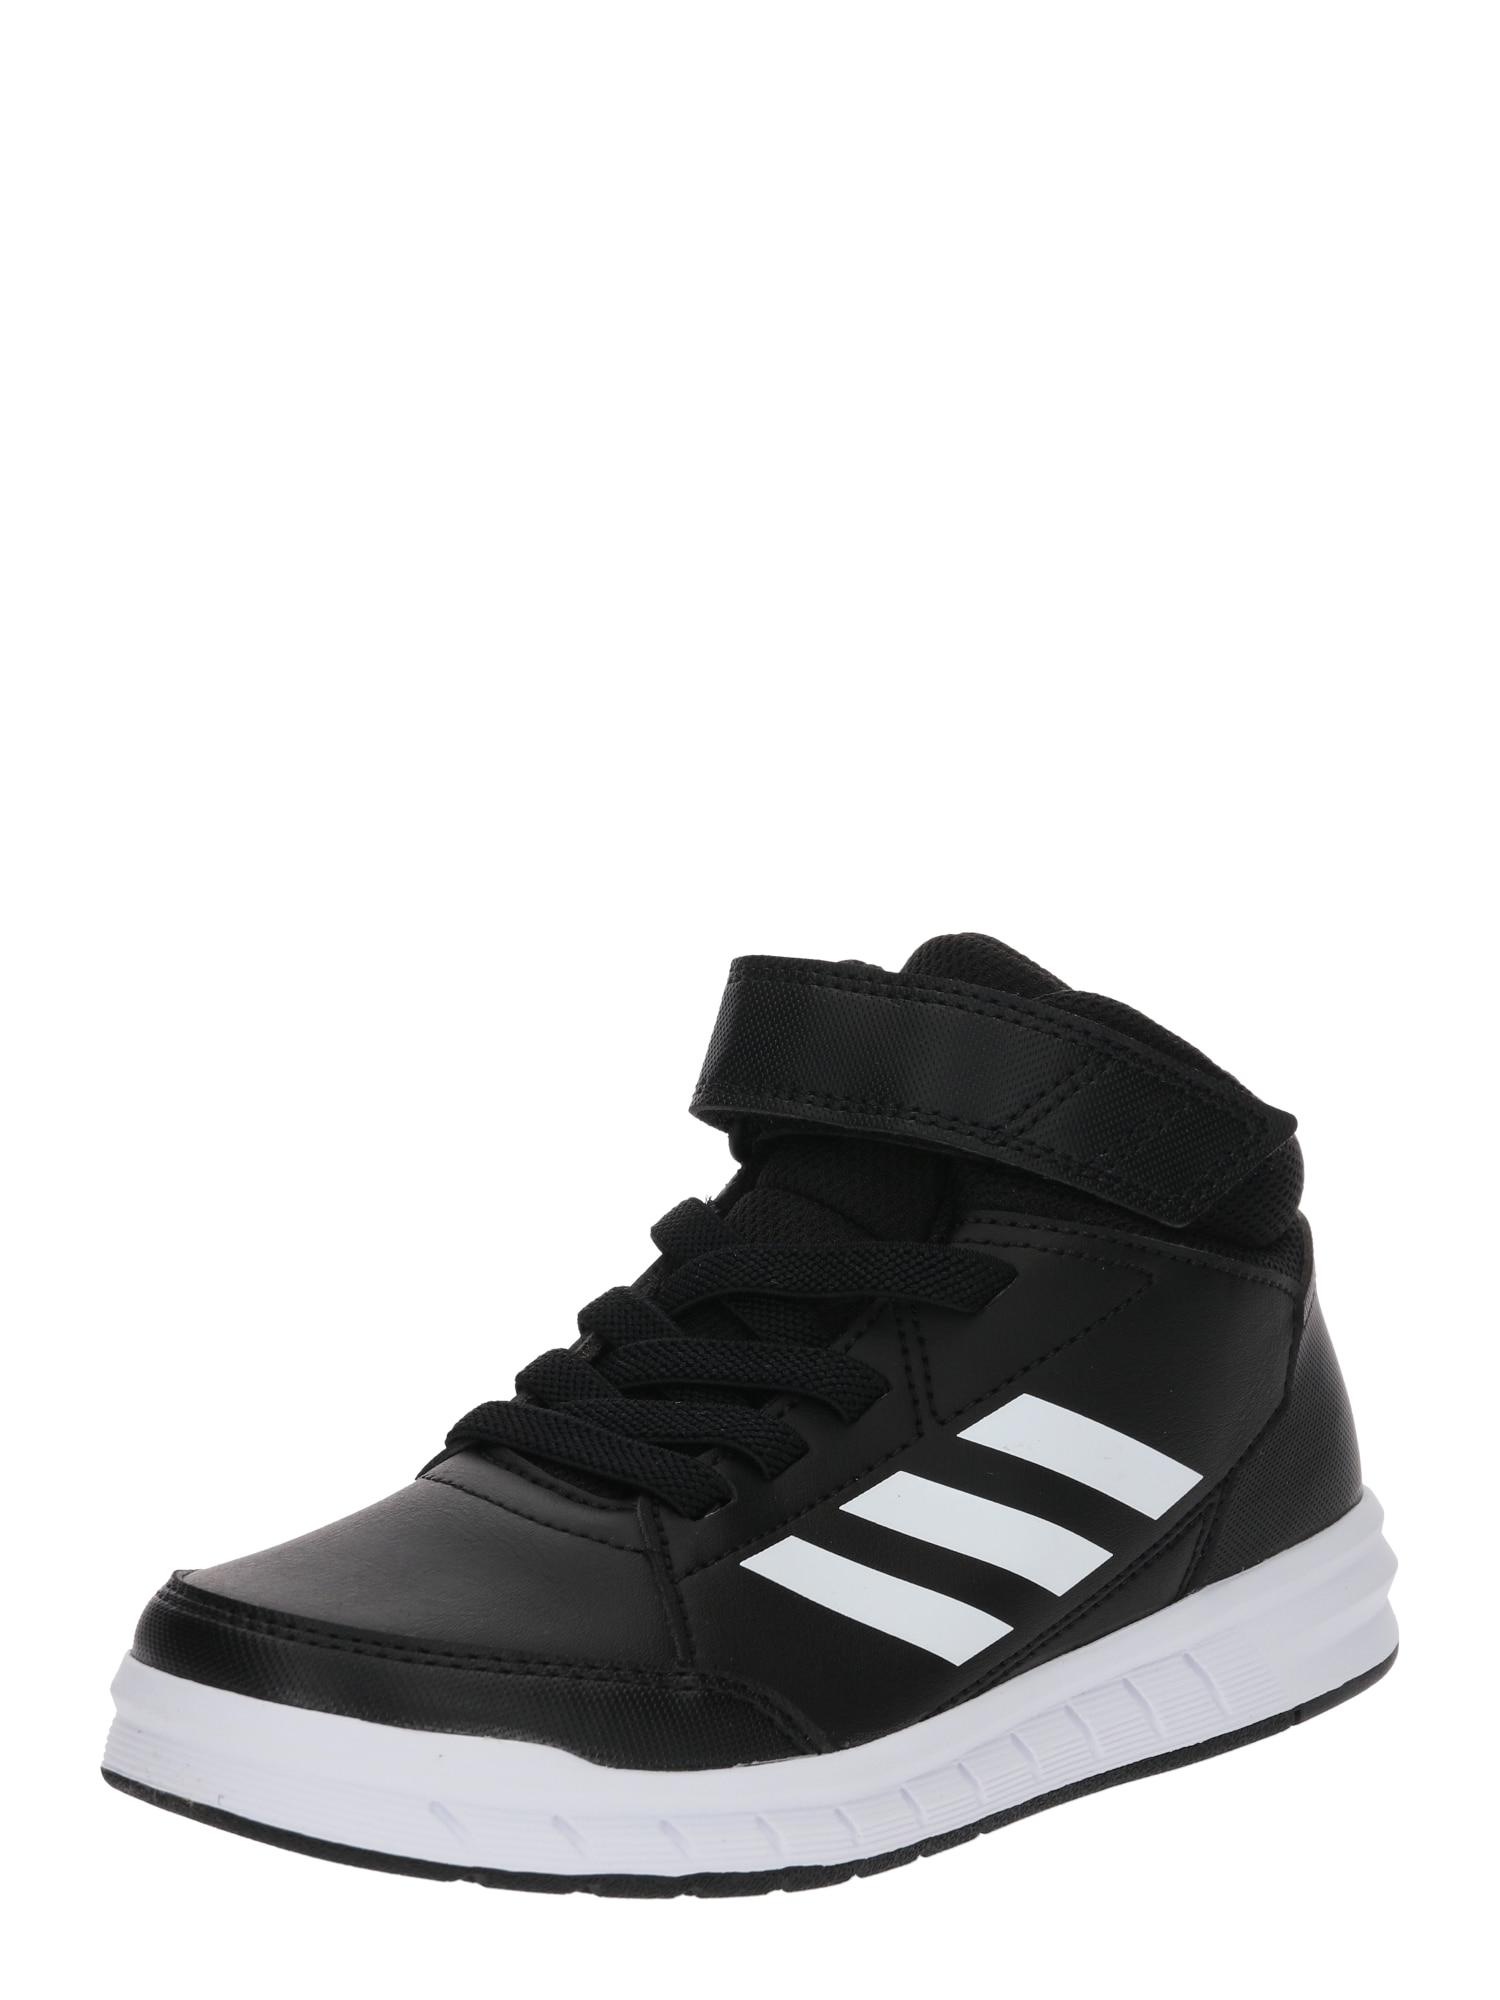 Sportovní boty AltaSport Mid K černá ADIDAS PERFORMANCE